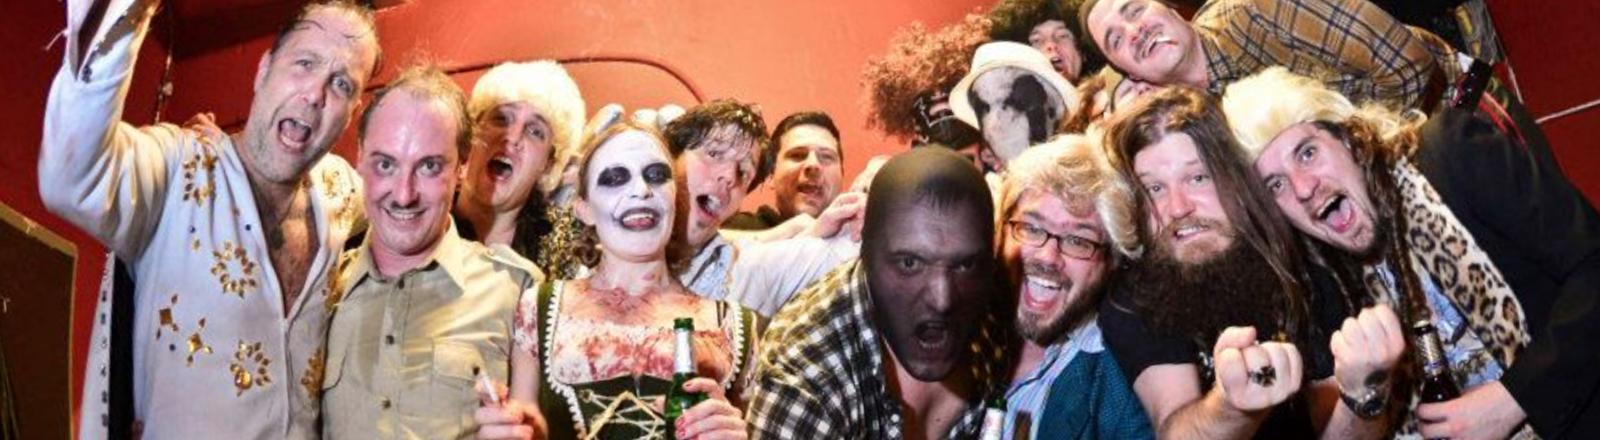 Das Team vom Weird Wrestling Circus posiert in abstrusen Kostümen für ein Teamfoto.